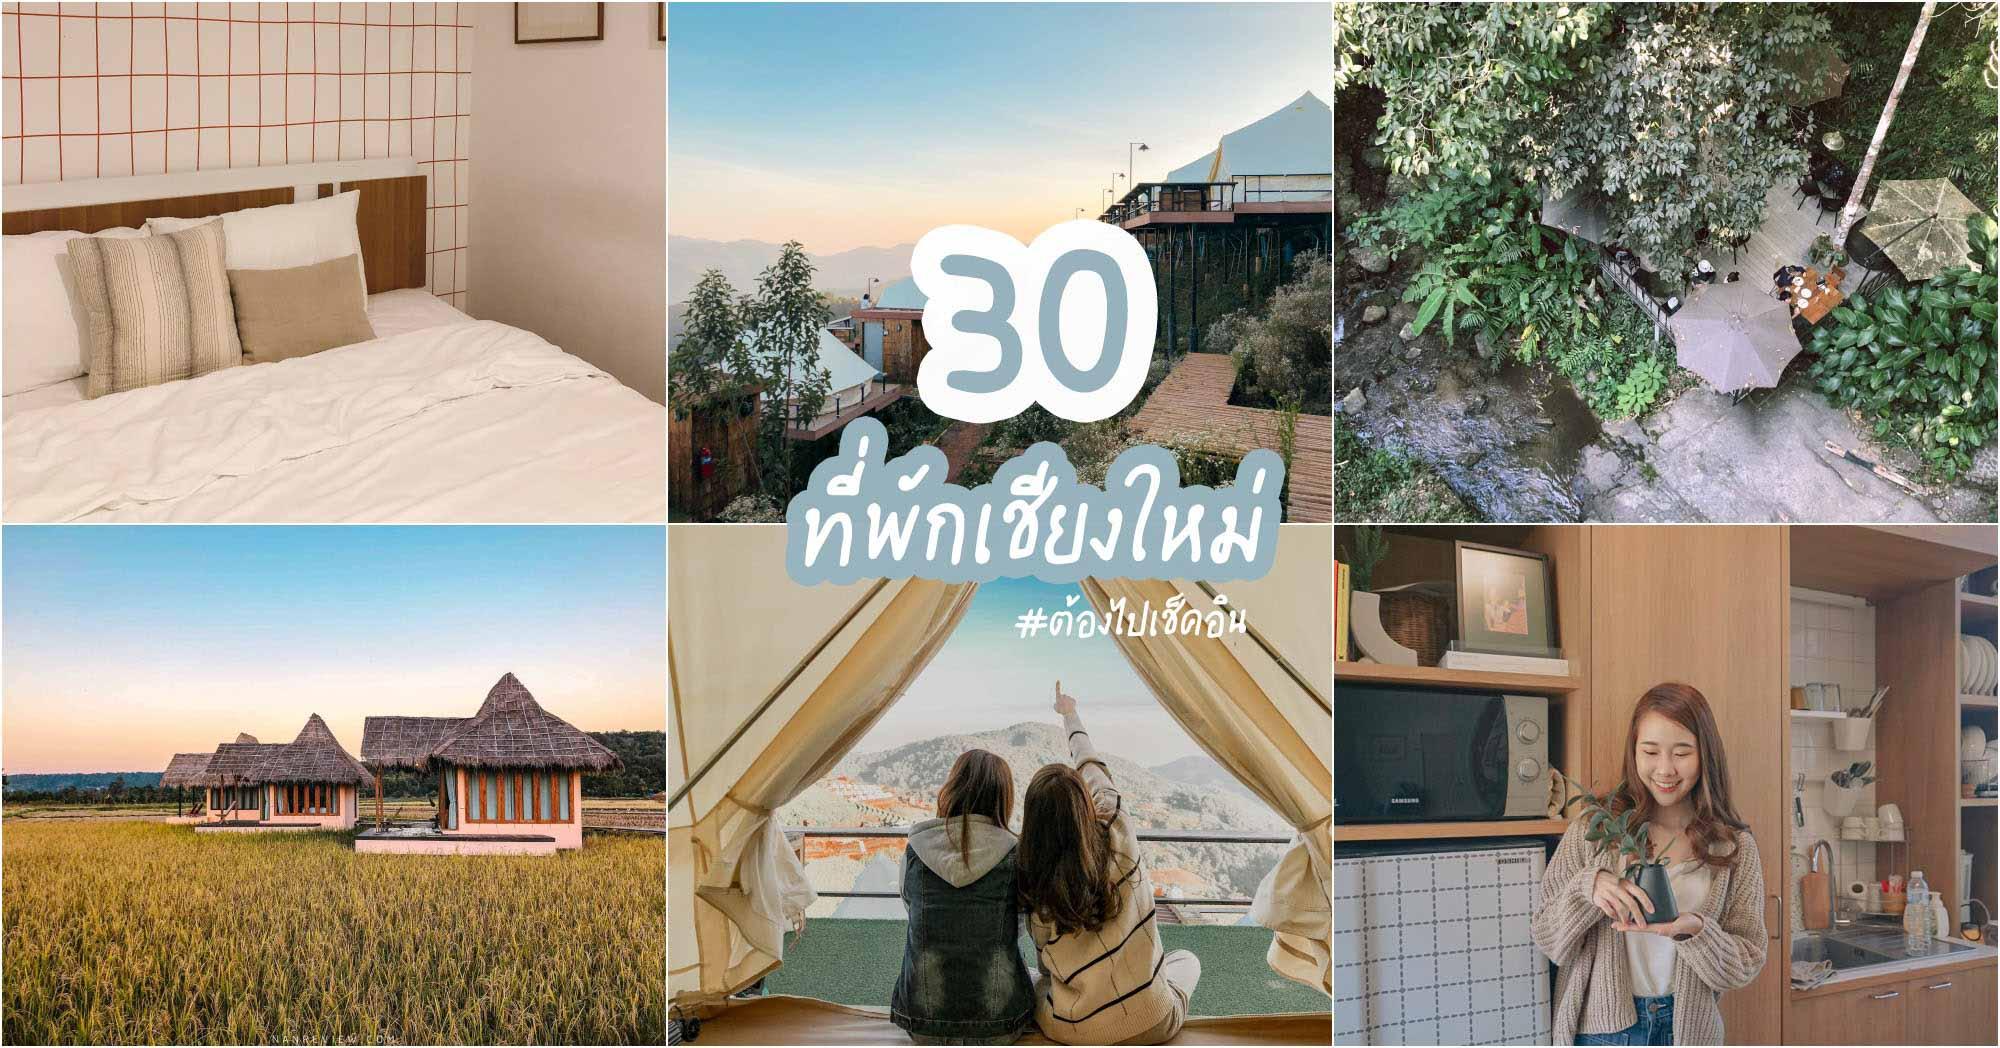 25 ที่พักเชียงใหม่ 2021  สวยชิววิวดี บ่อแช่น้ำร้อนบรรยากาศสุดฟินน